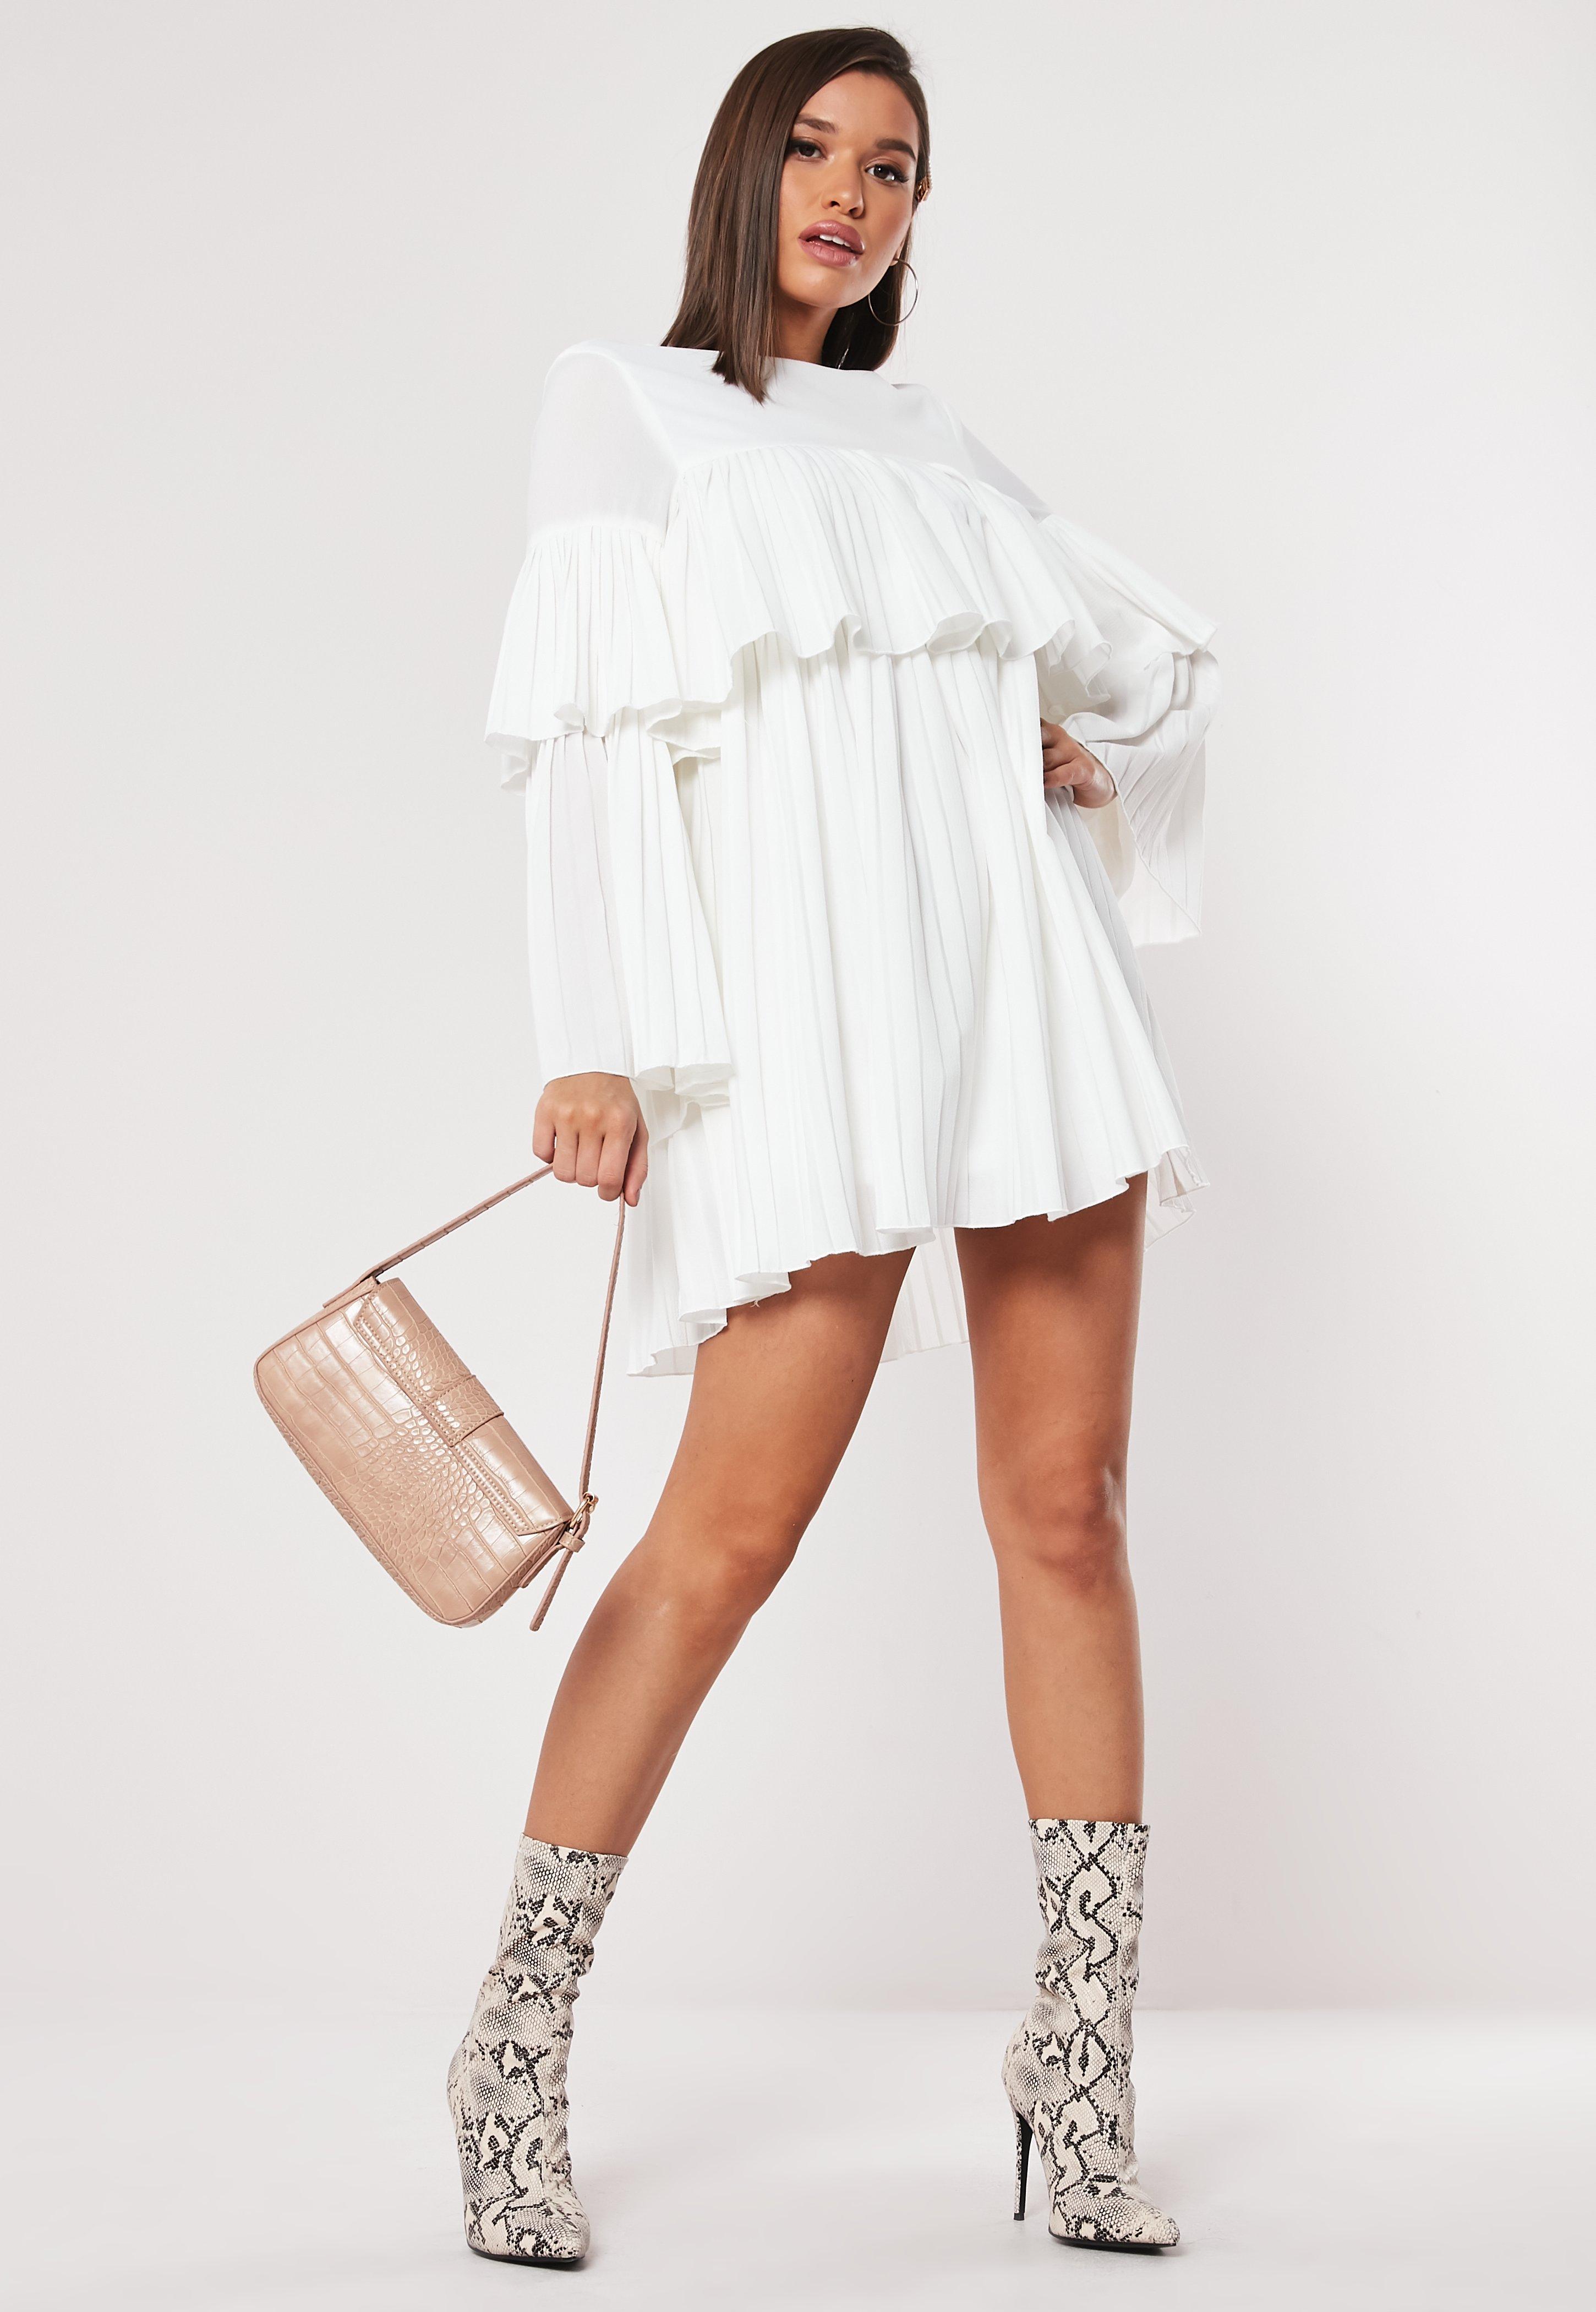 3742a67dac59 Frills - Ruffled Clothing for Women